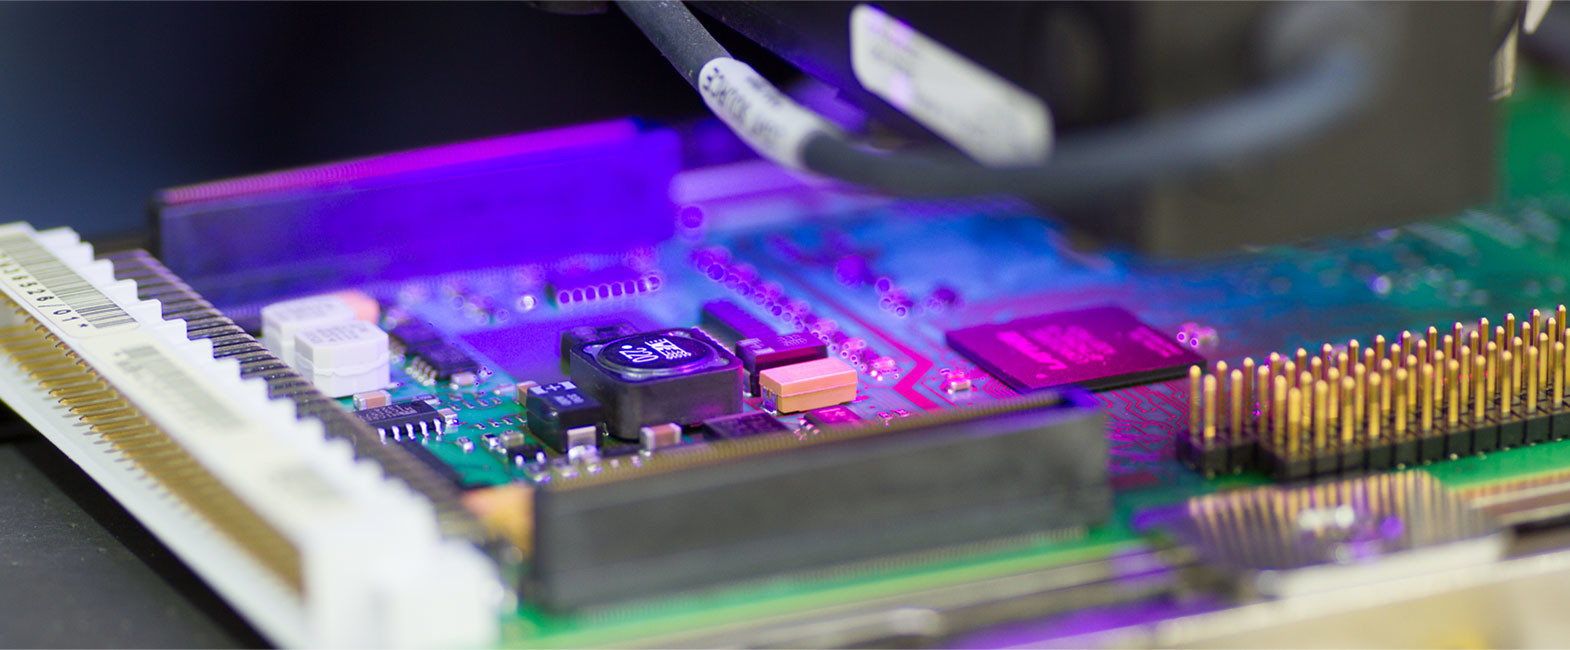 MB Elettronica – Progettazione e Industrializzazione